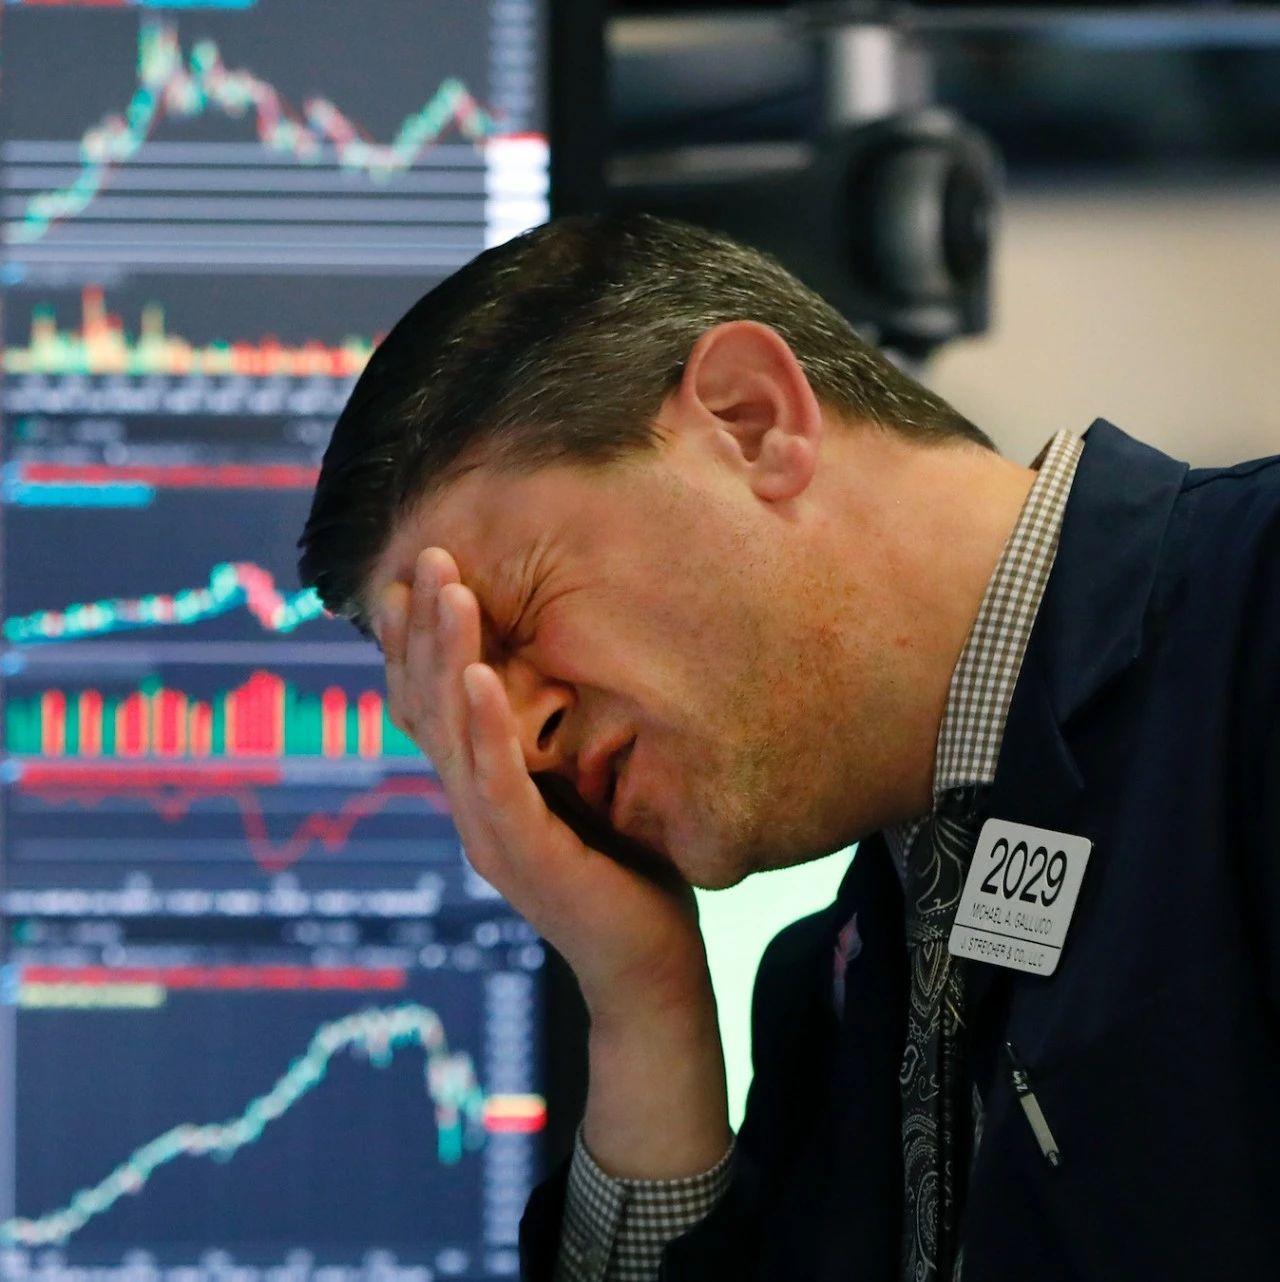 美债引发美股暴跌,美联储货币政策威力不再?